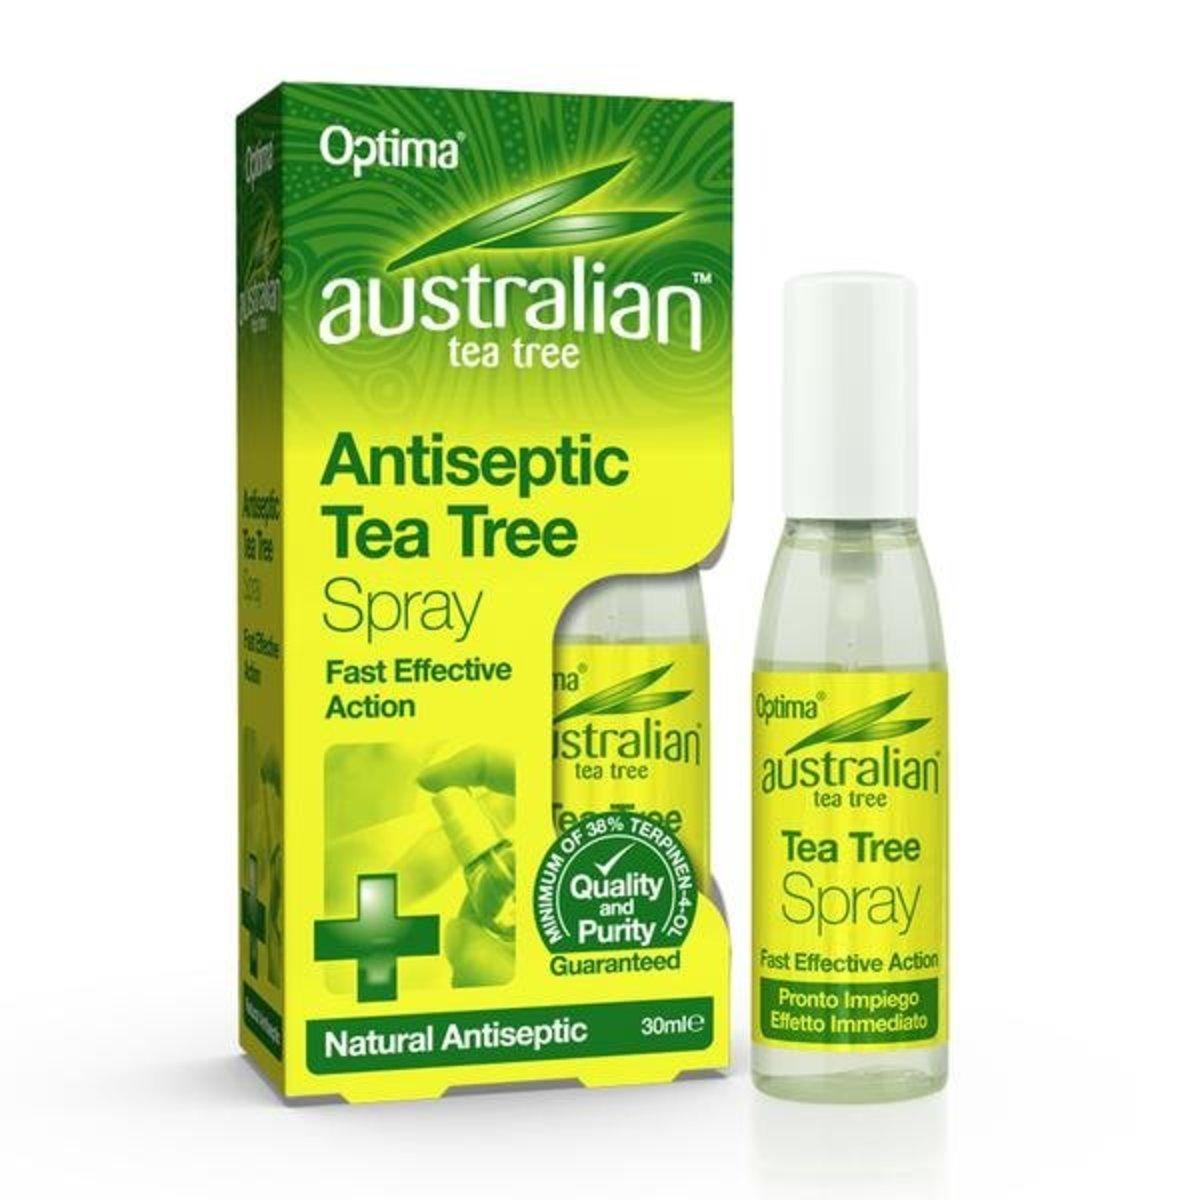 英國茶樹抗菌噴劑